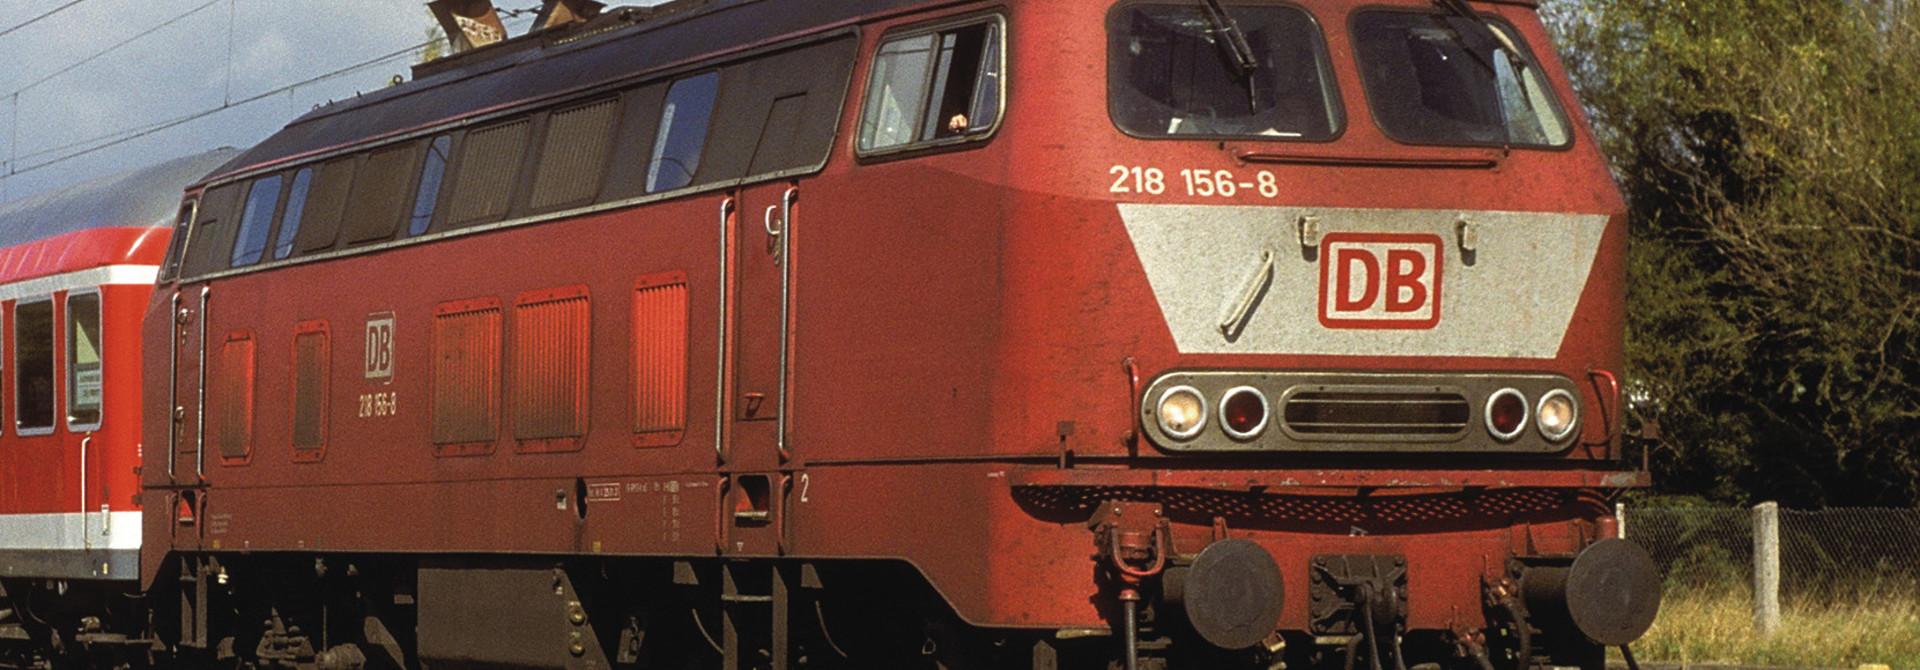 724300 Diesellok BR218 or. Snd.